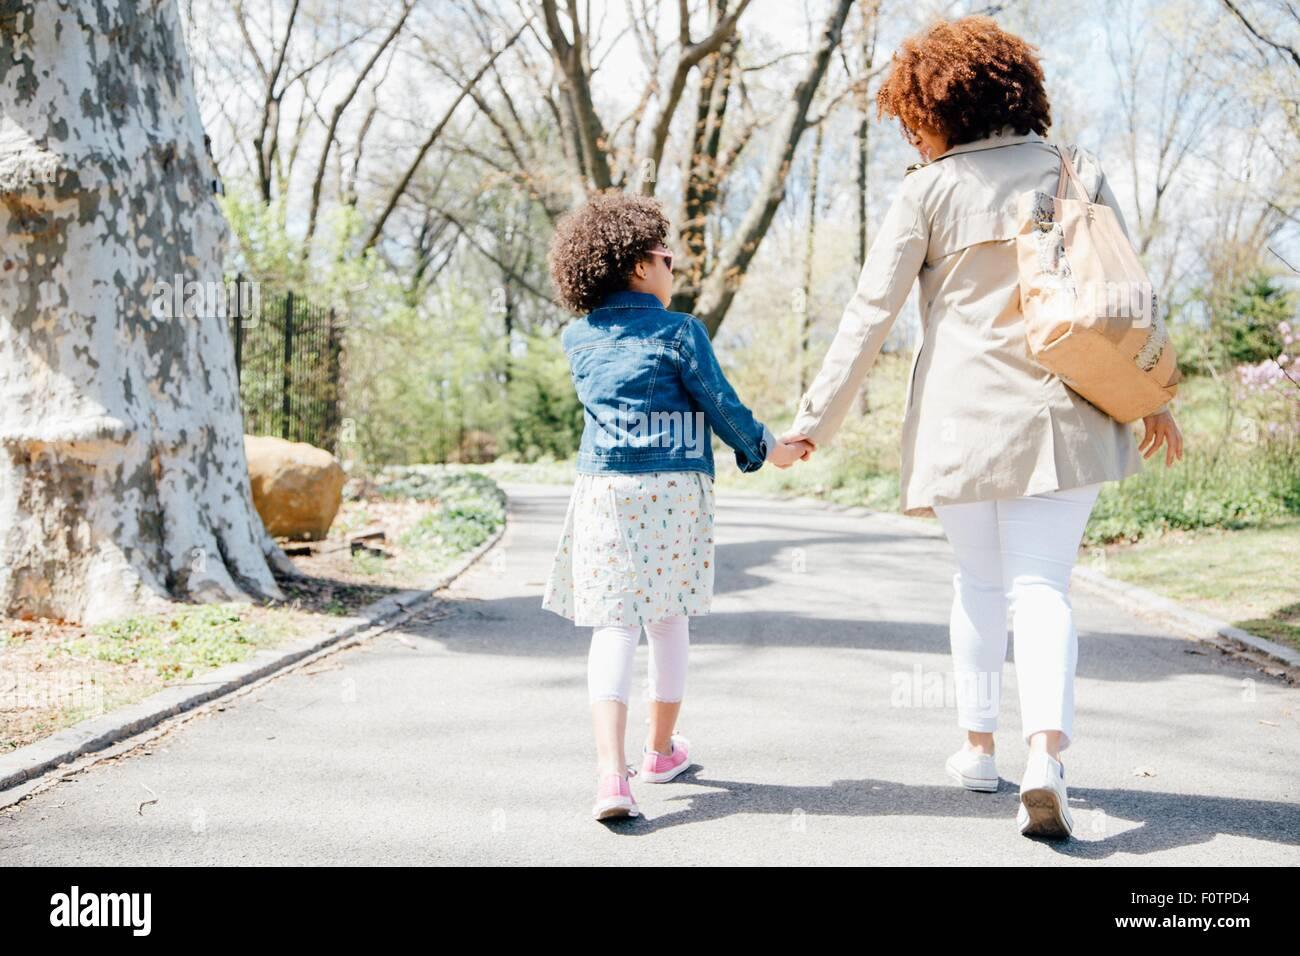 Vue arrière sur toute la longueur de la mère et fille marcher main dans la main Photo Stock